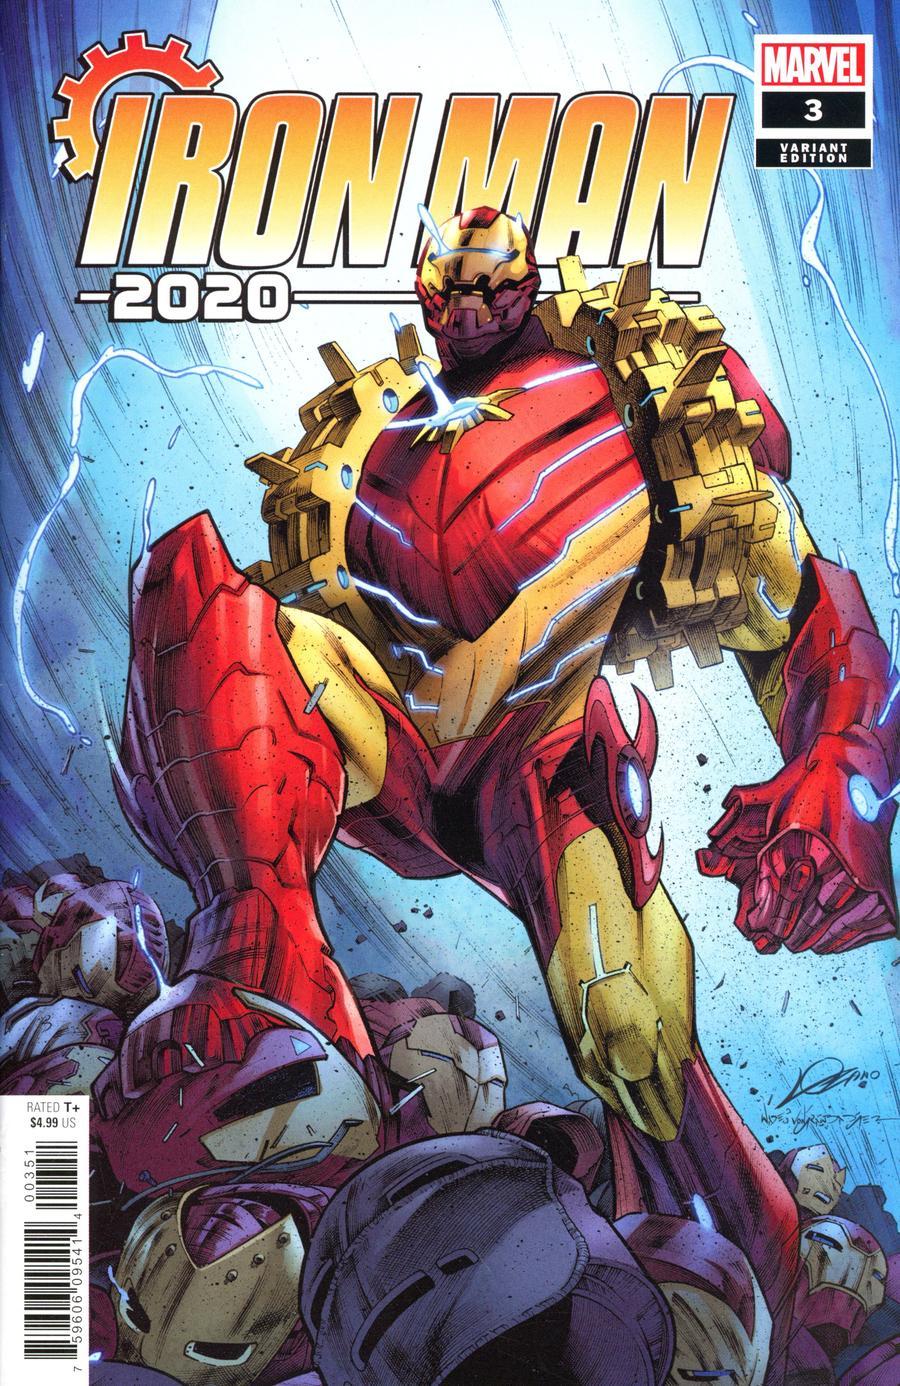 Iron Man 2020 #3 Cover E Incentive Alexander Lozano Variant Cover